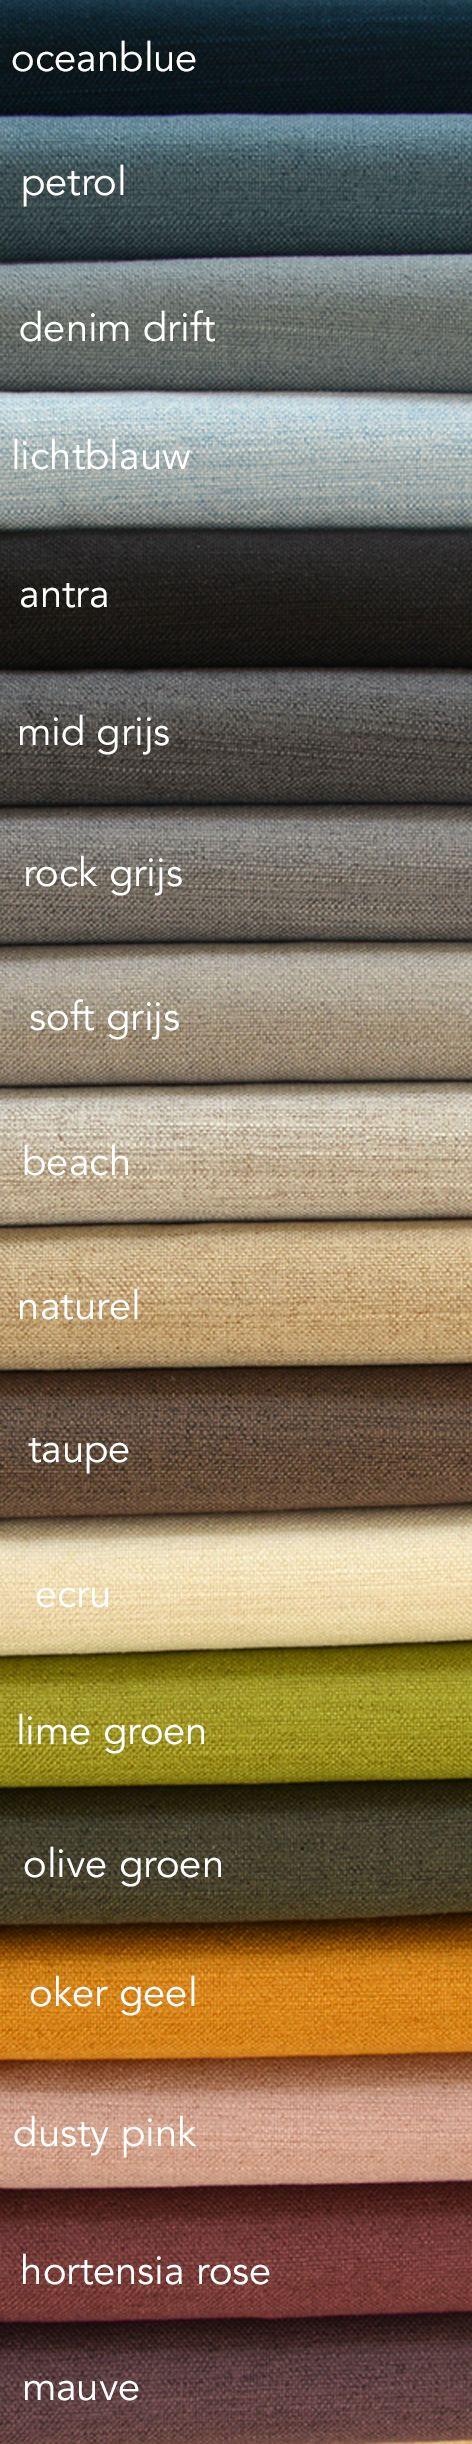 100% verduisterende gordijnen die ook nog eens mooi zijn en soepel vallen. Kies dan voor stof bonaire, verkrijgbaar in 18 kleuren. Vraag gratis stalen aan via de site echtgordijn.